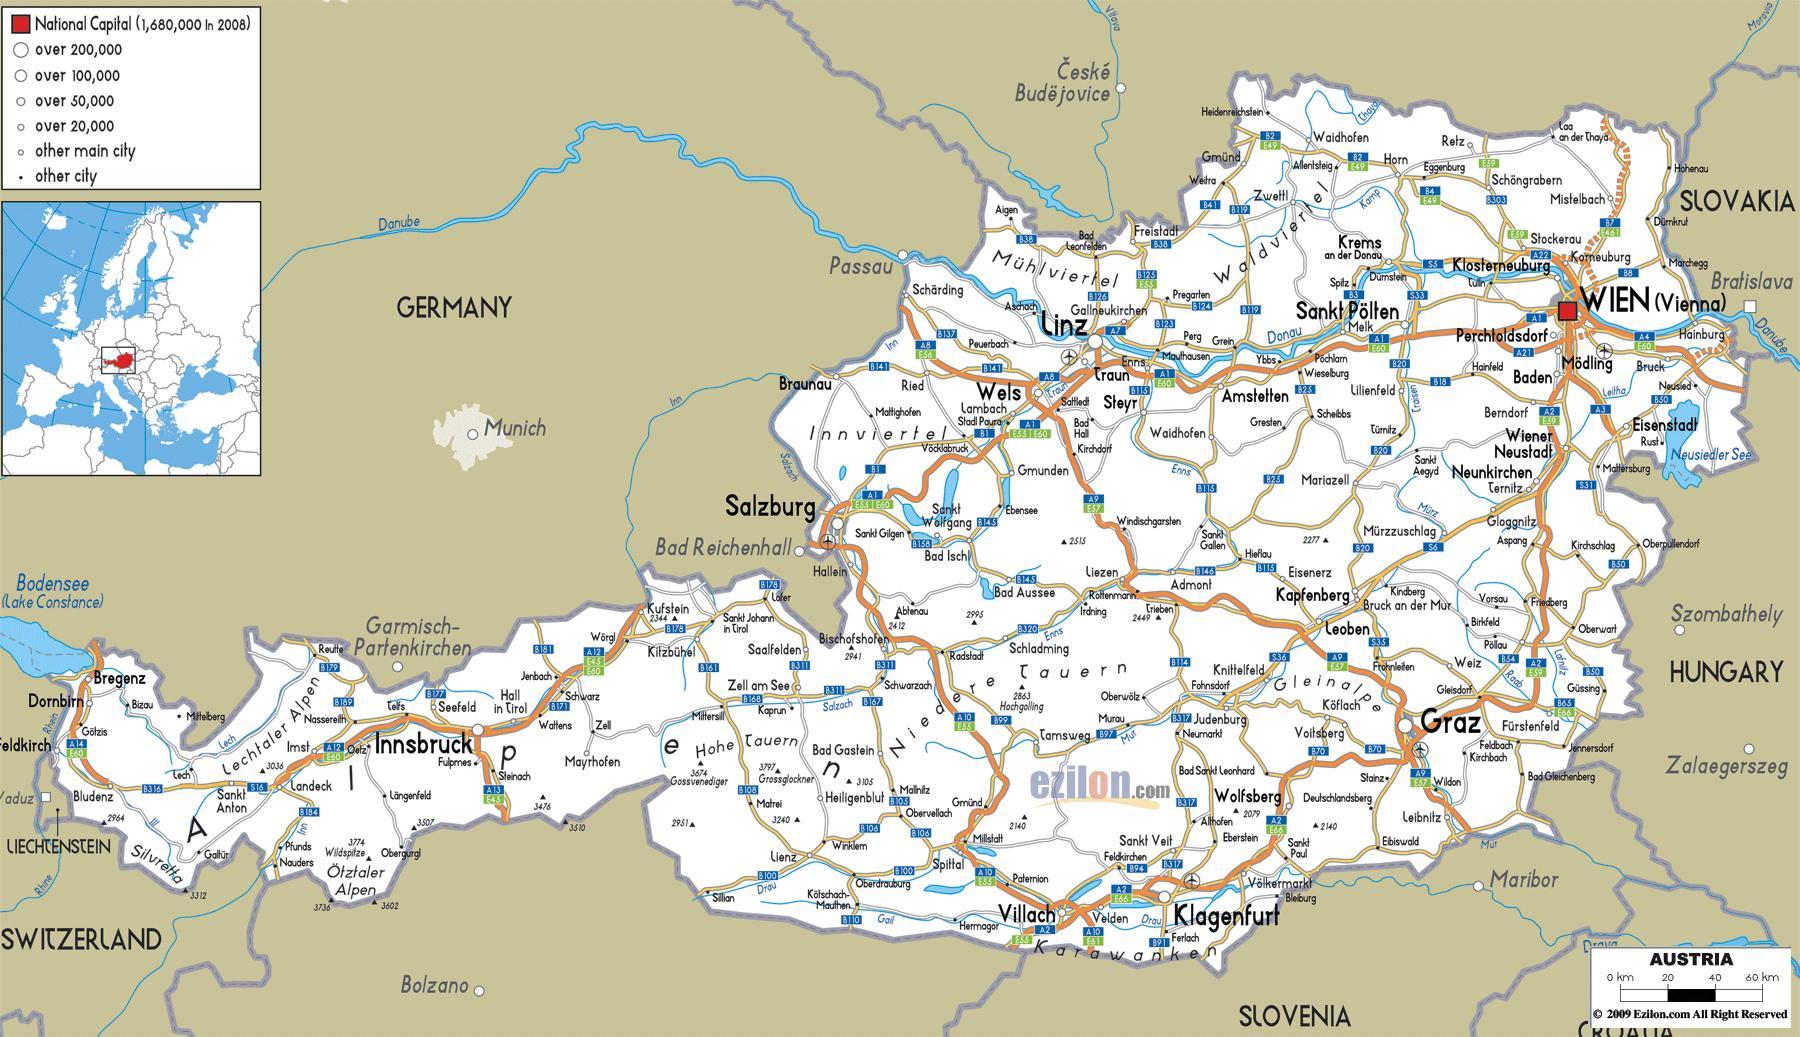 Karte Von Europa Mit Städten.österreich Städte Karte Detaillierte Karte Von österreich Mit Den